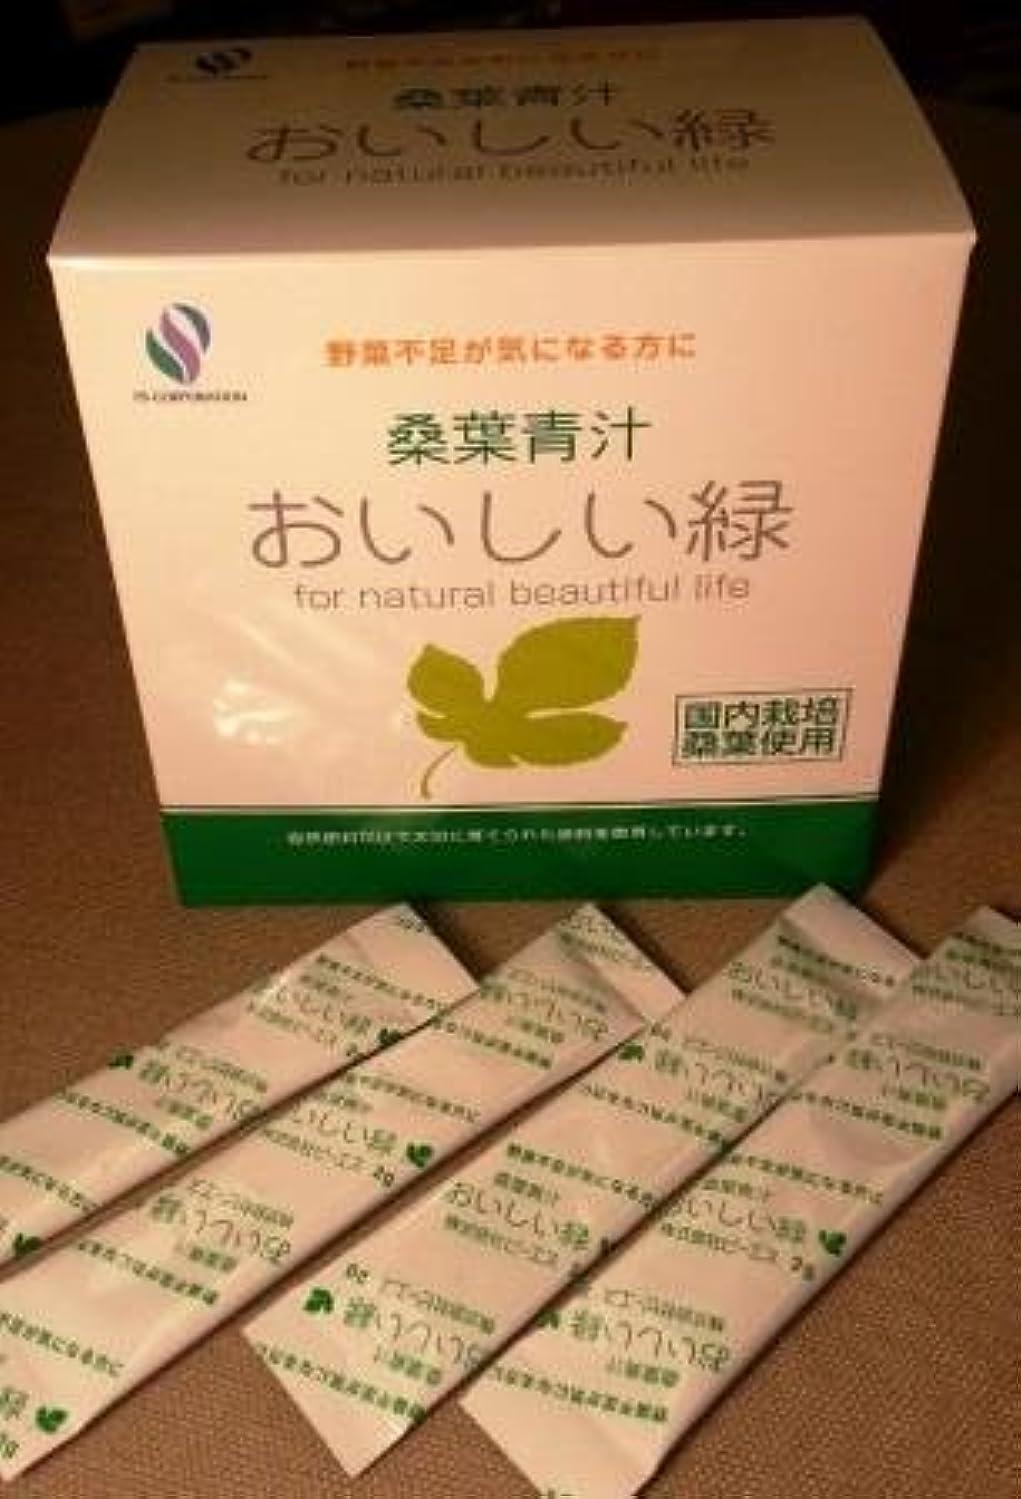 アイスクリームバス神社桑葉青汁 おいしい緑 2g×60包+4包増量中